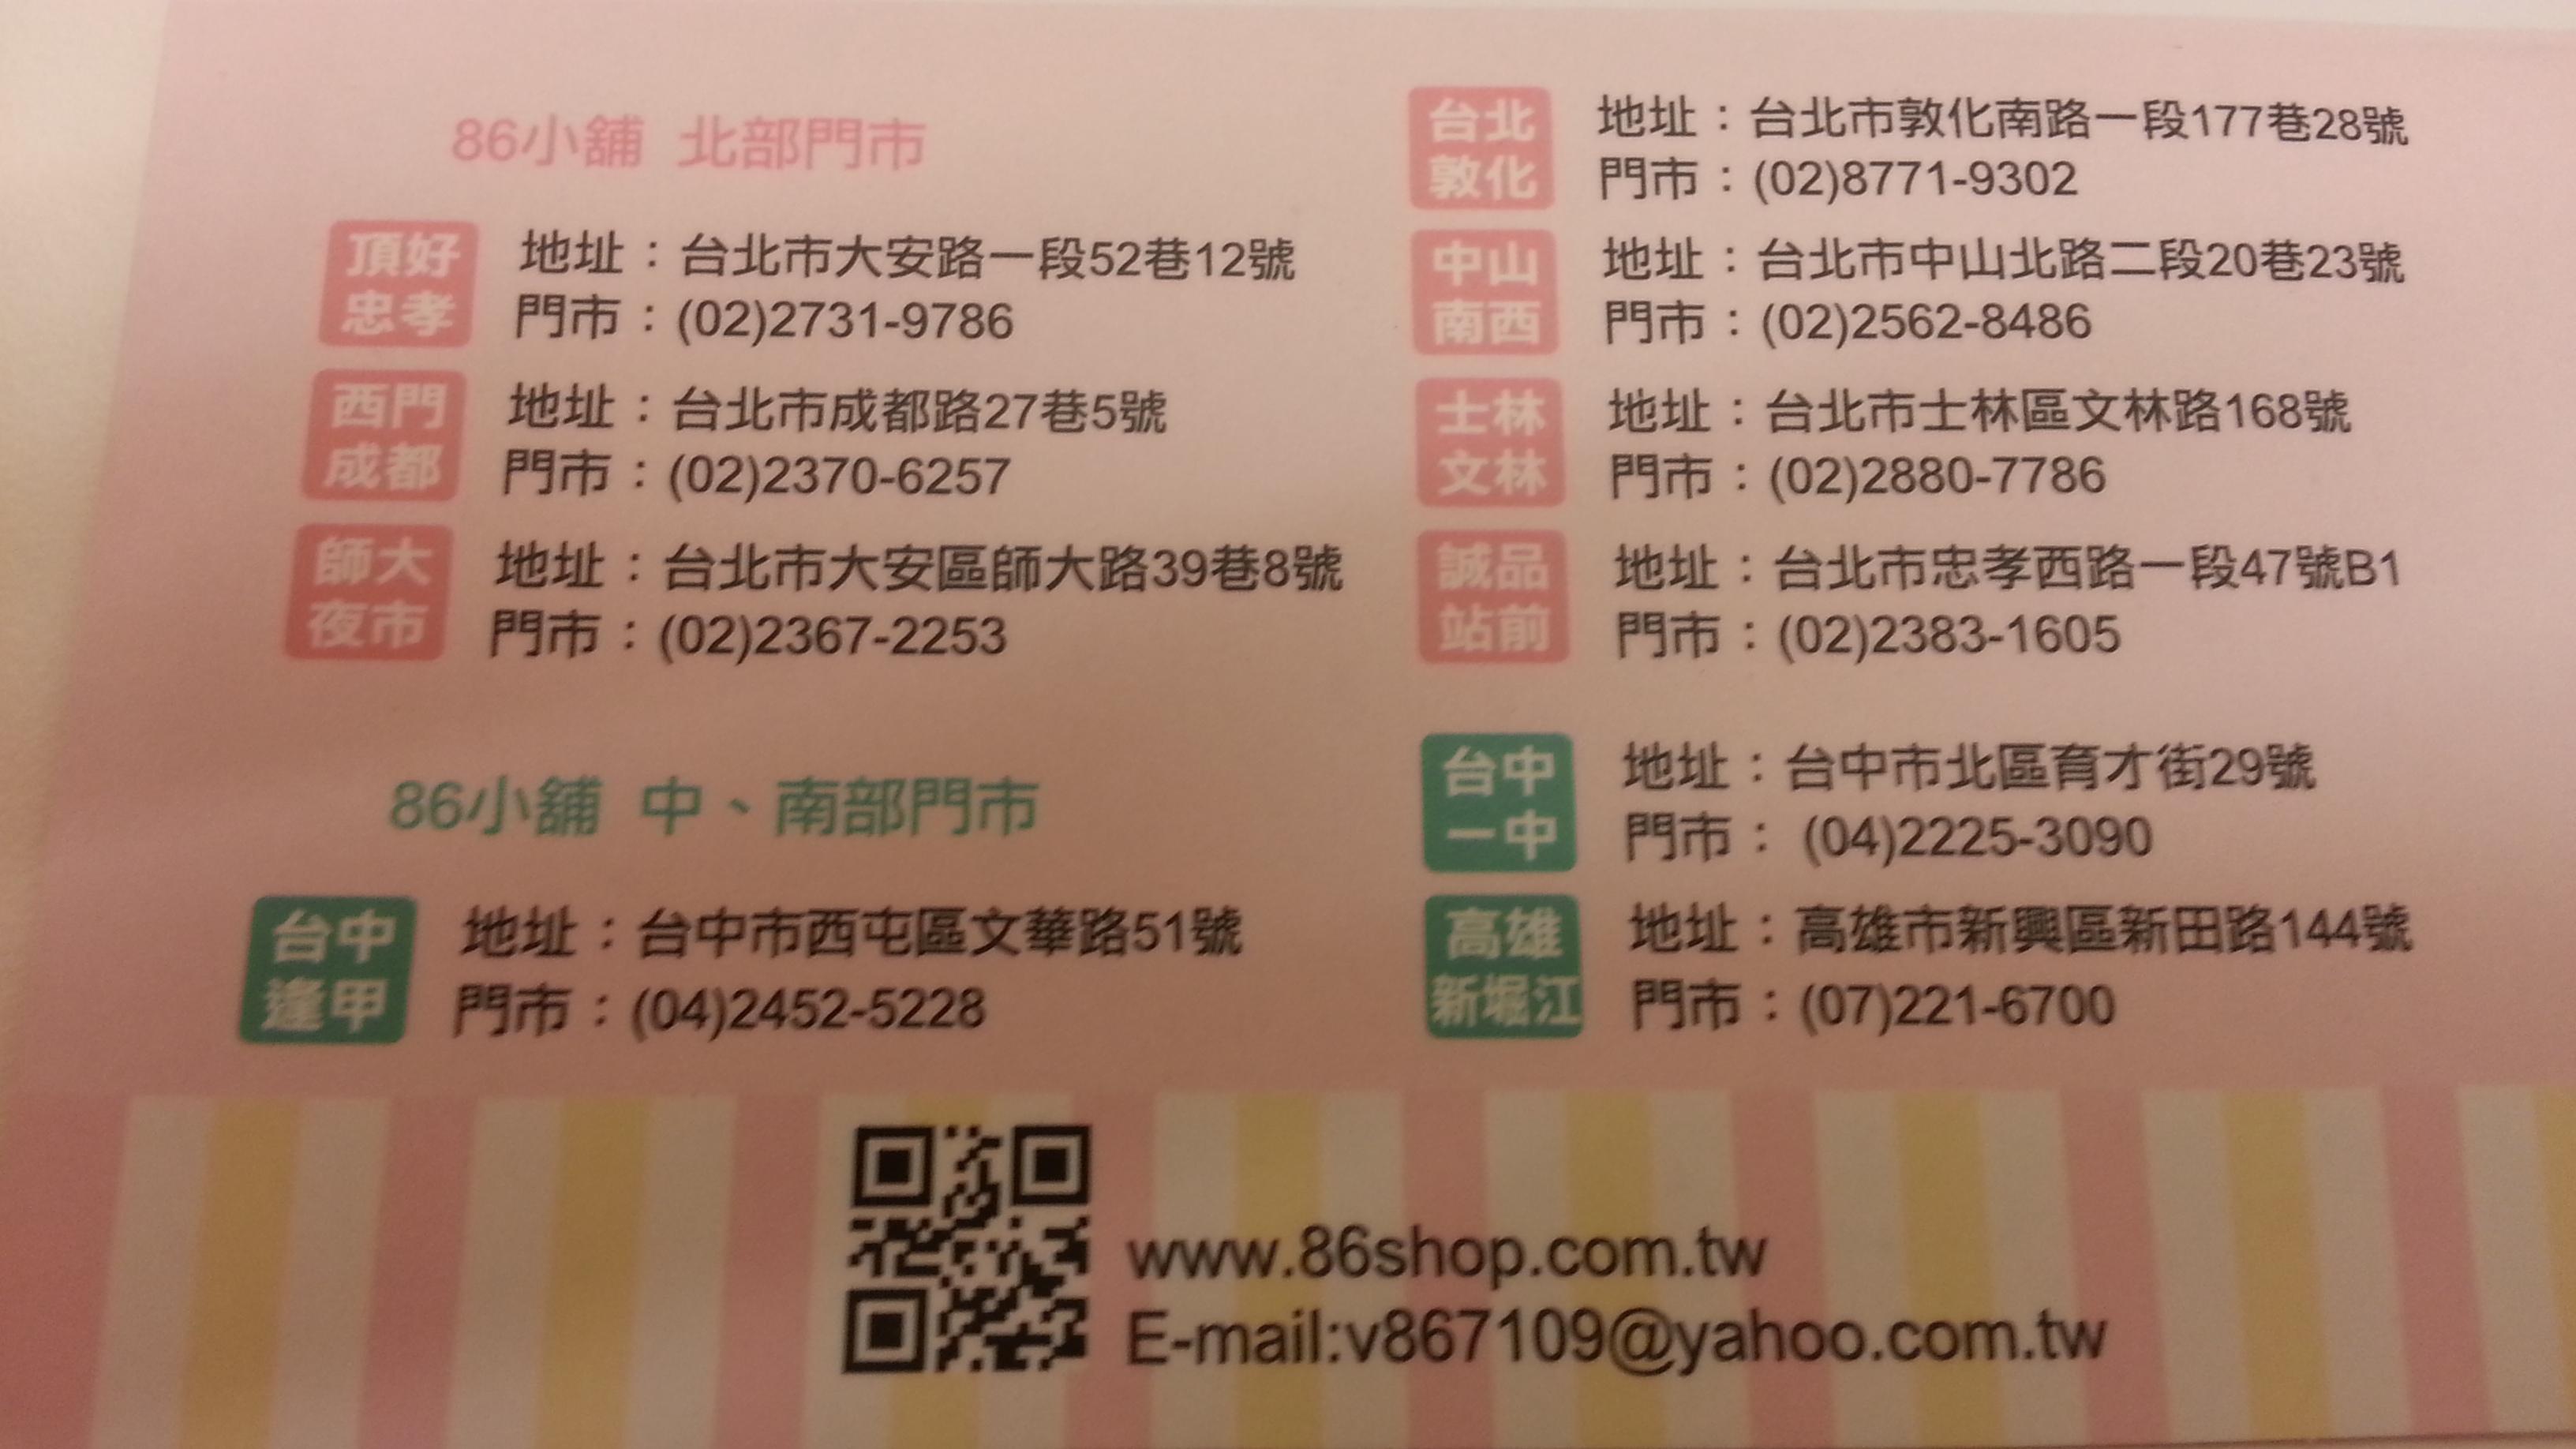 86 la girl in taipei for 18 8 salon locations